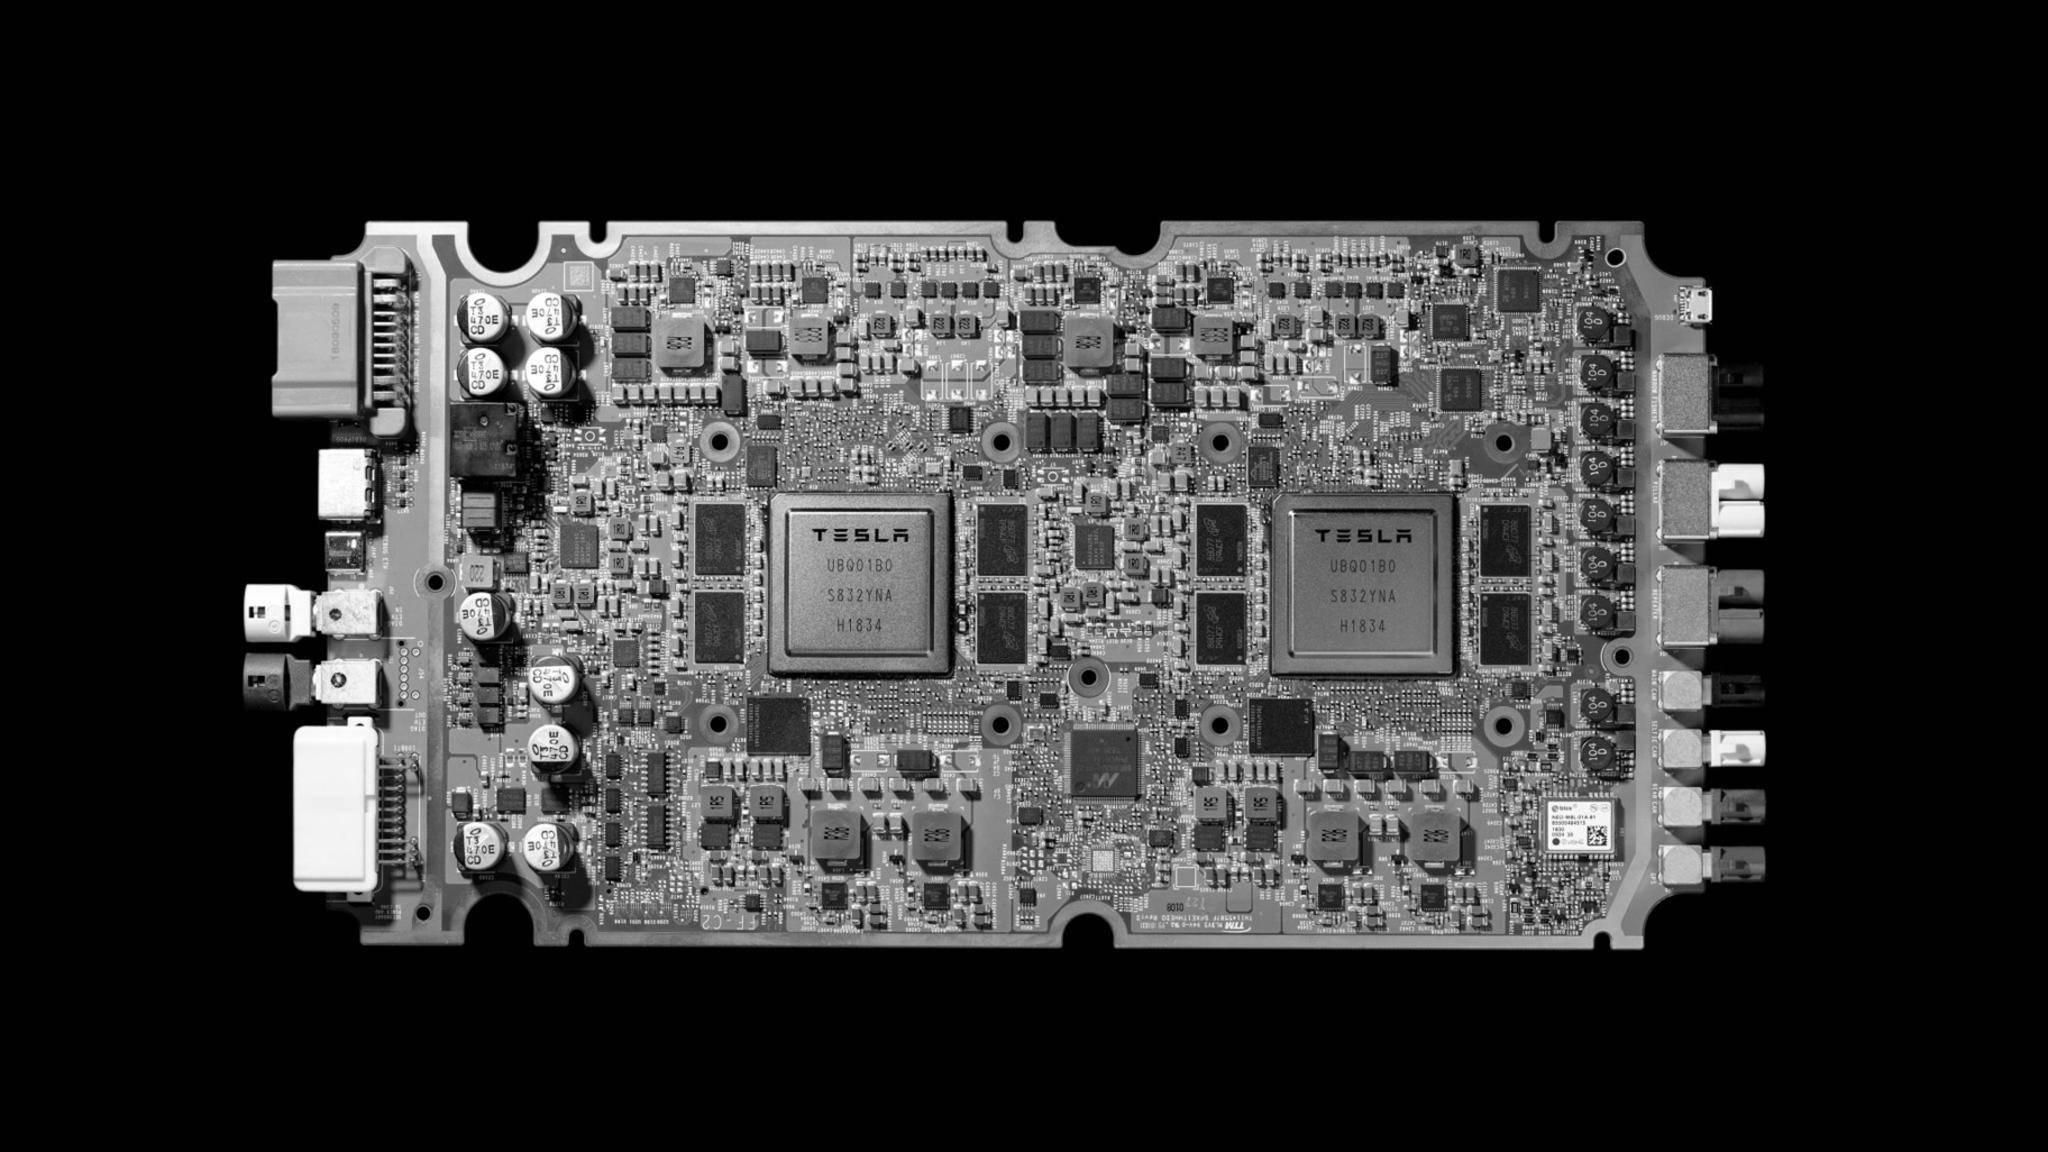 Der neue Tesla-Chip wird bereits in allen neuen Tesla-Fahrzeugen verbaut.